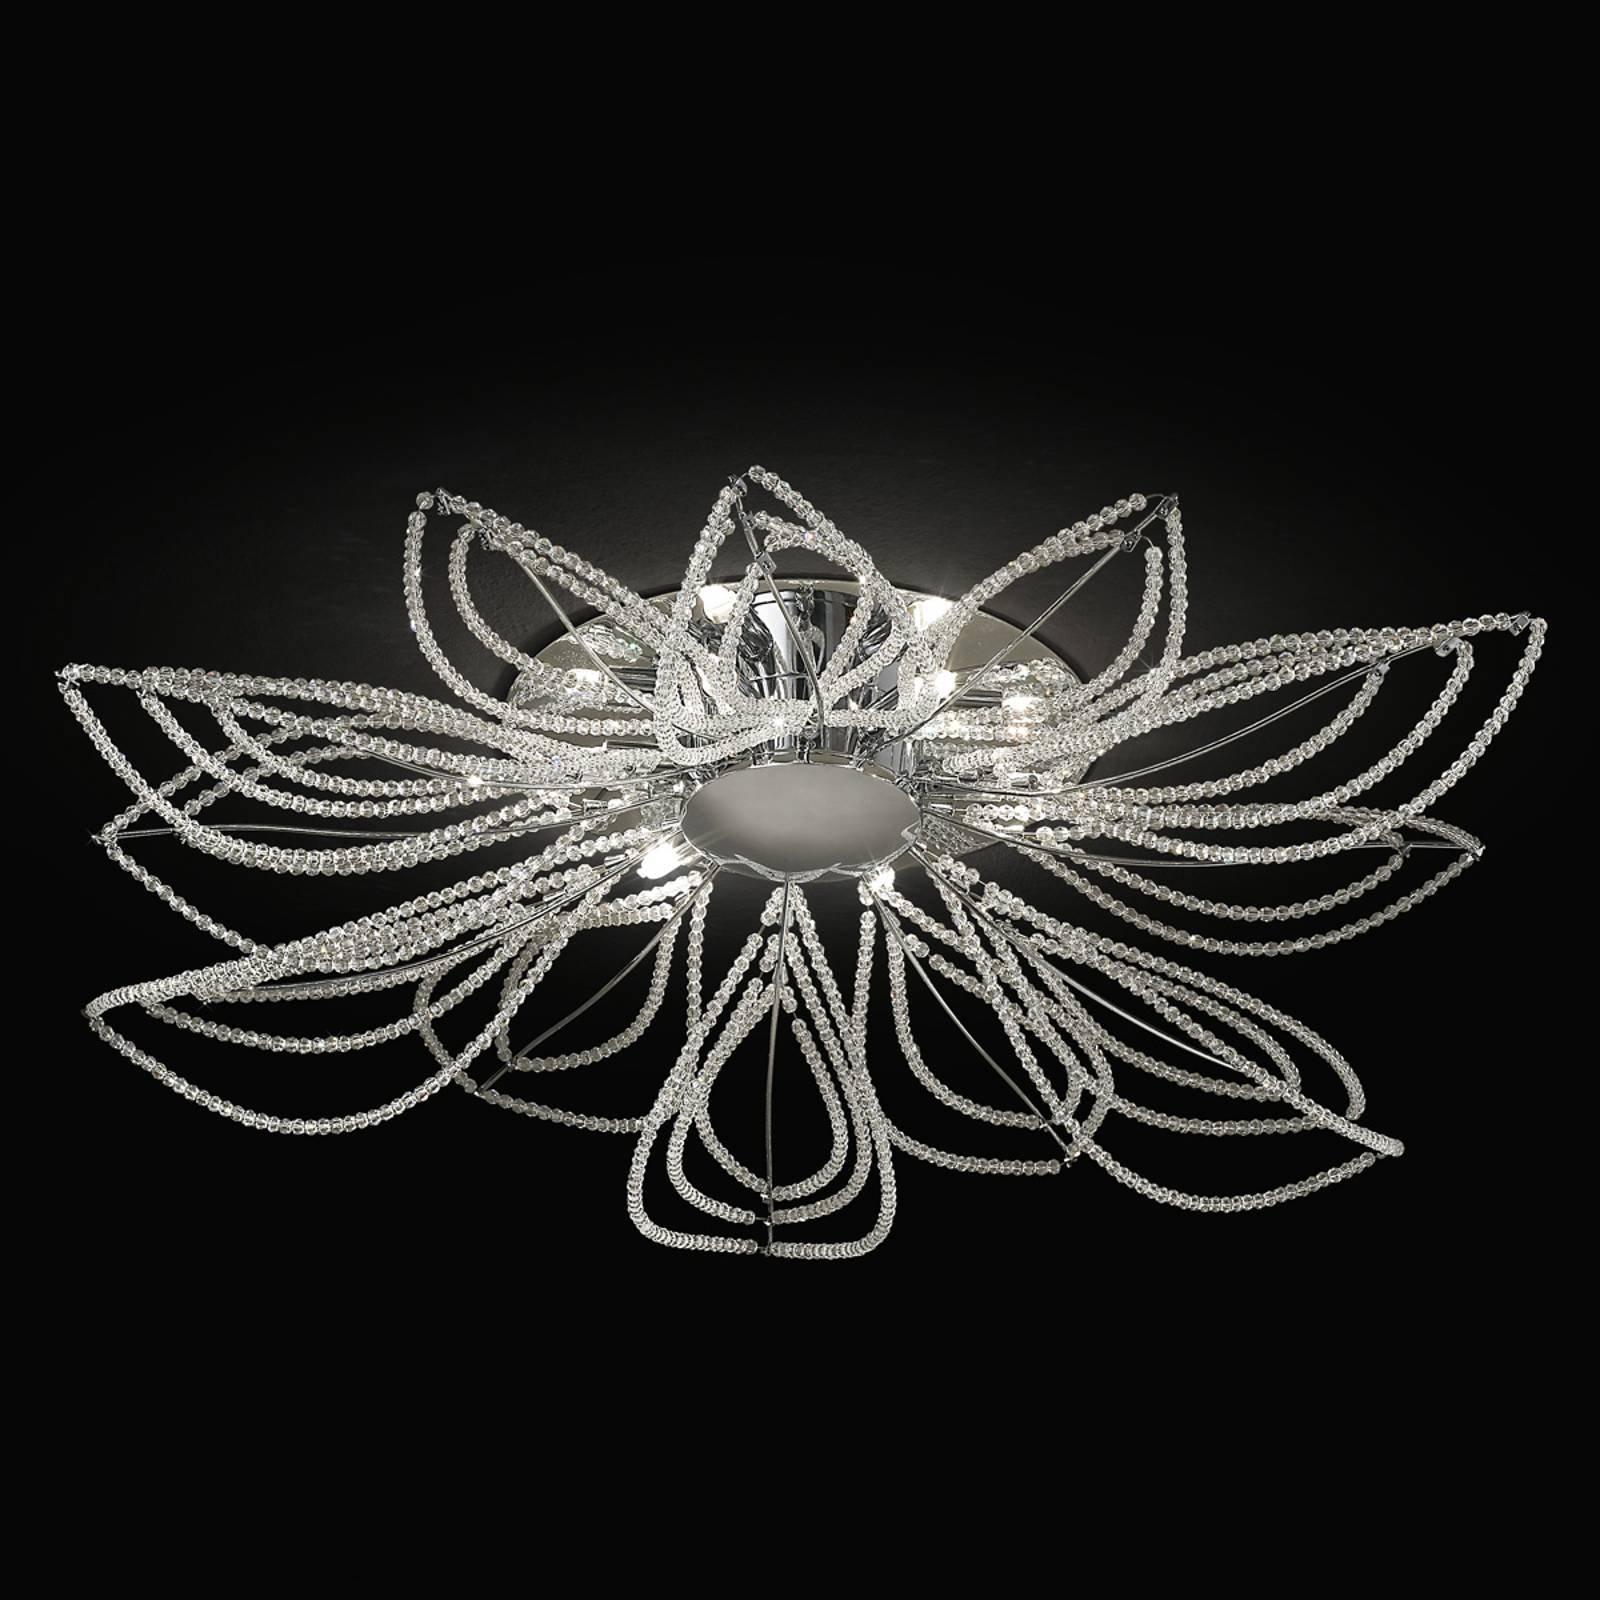 Girasole taklampe i blomsterform, 85 cm